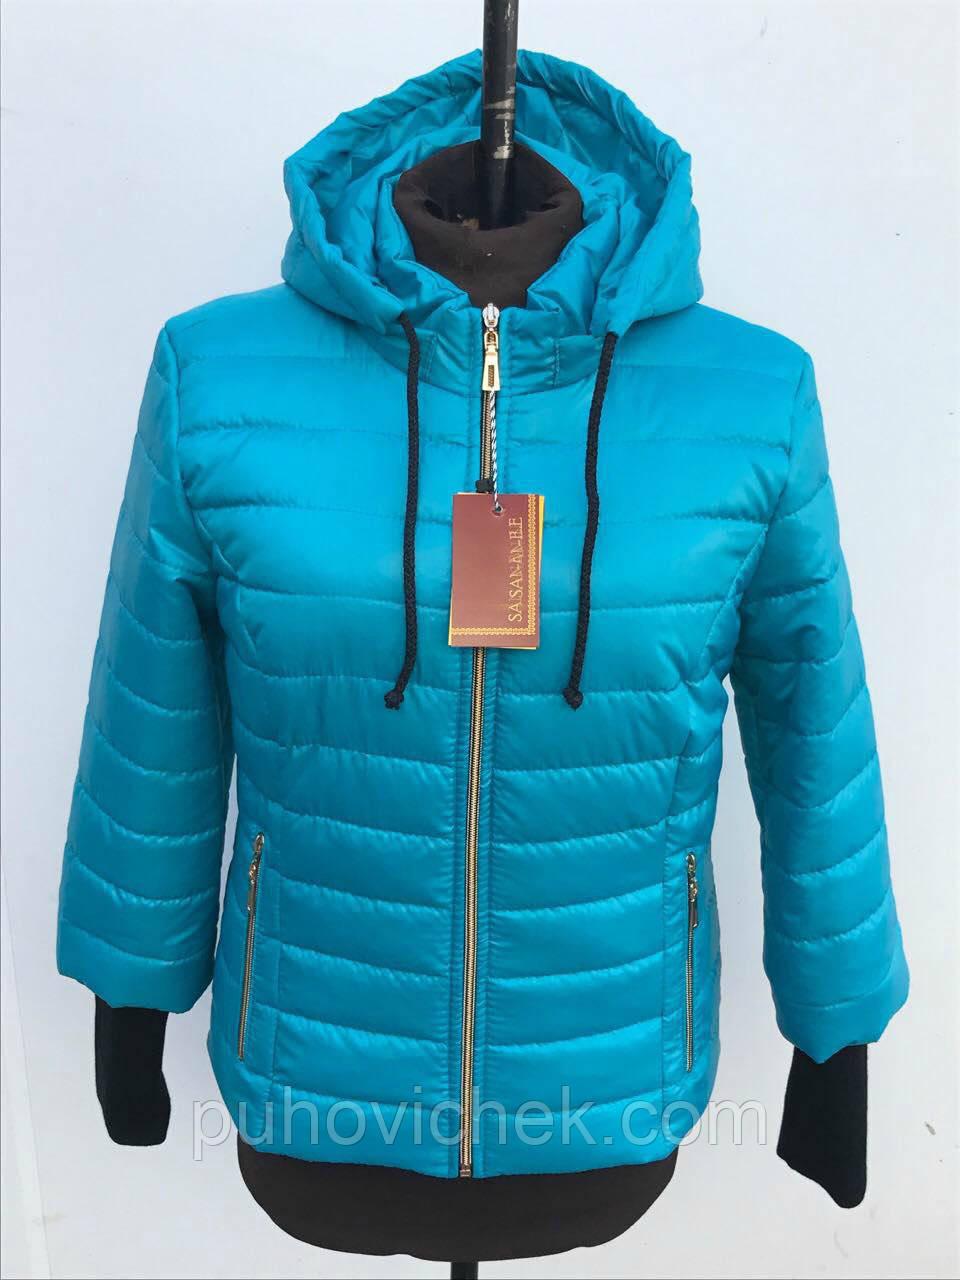 Куртки женские весенние укороченные стильные